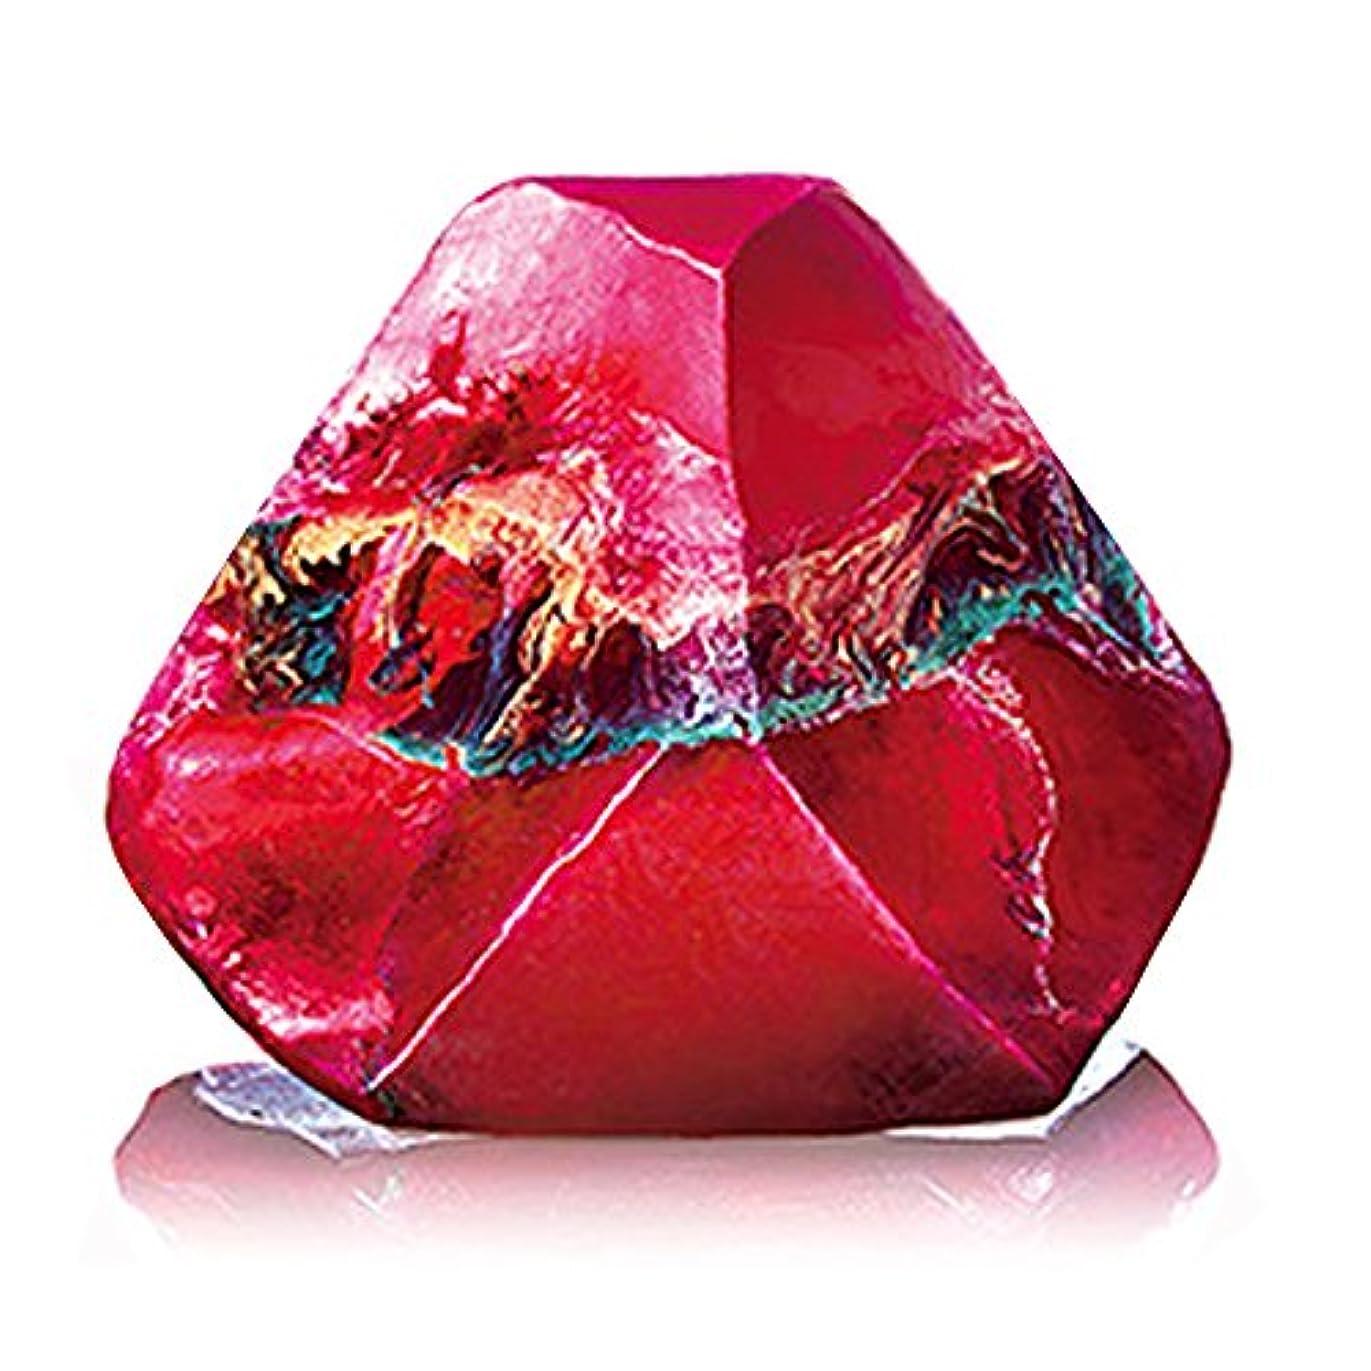 ゴネリル要件不名誉なSavons Gemme サボンジェム 世界で一番美しい宝石石鹸 フレグランス ソープ ガーネット ミニ 114g